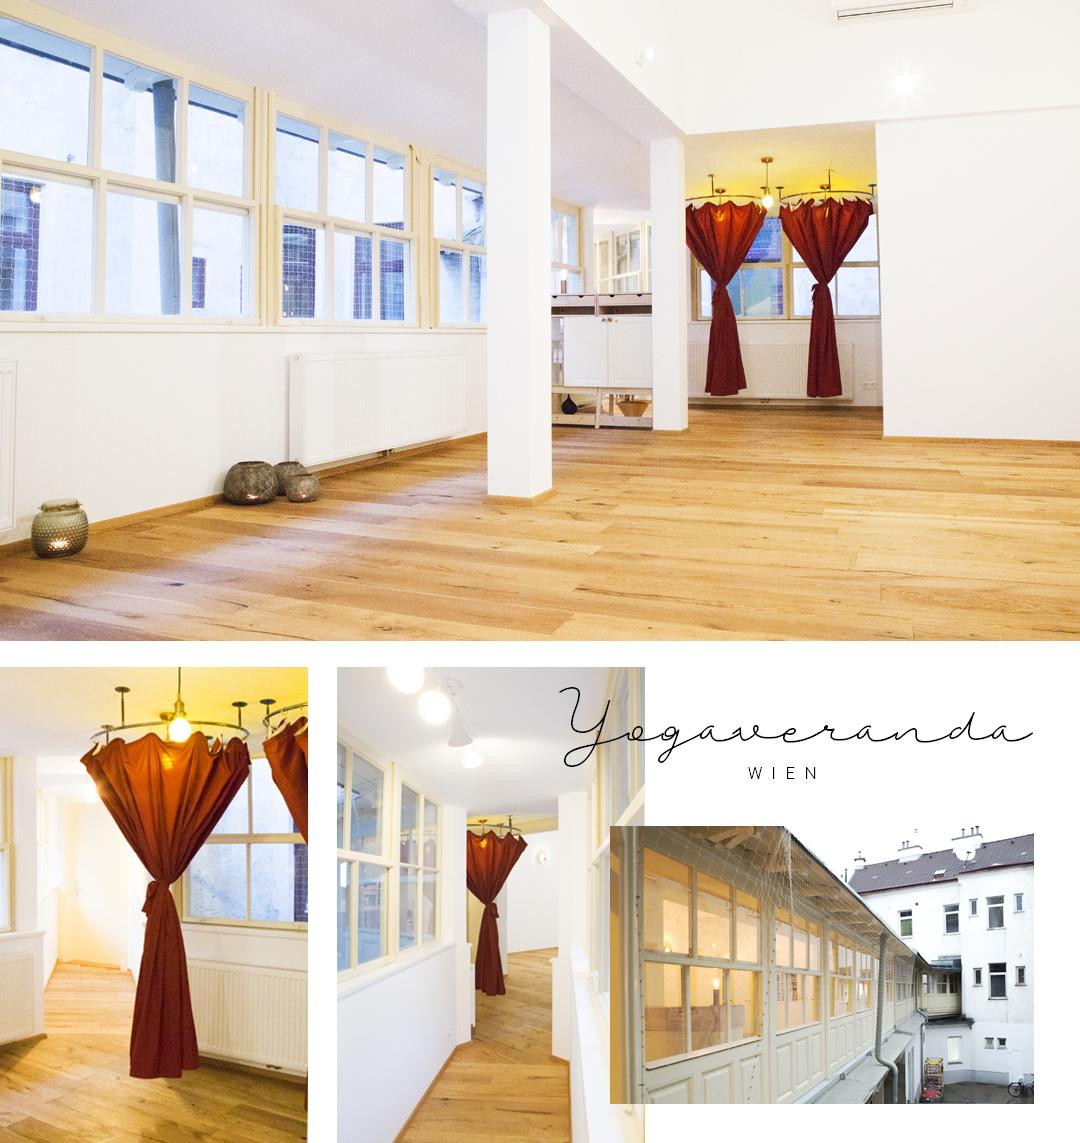 Yogaveranda Wien Guest Affair Gastartikel Beate Lisi Zoder Ashtanga Vinyasa Studio neu Yin Yoga